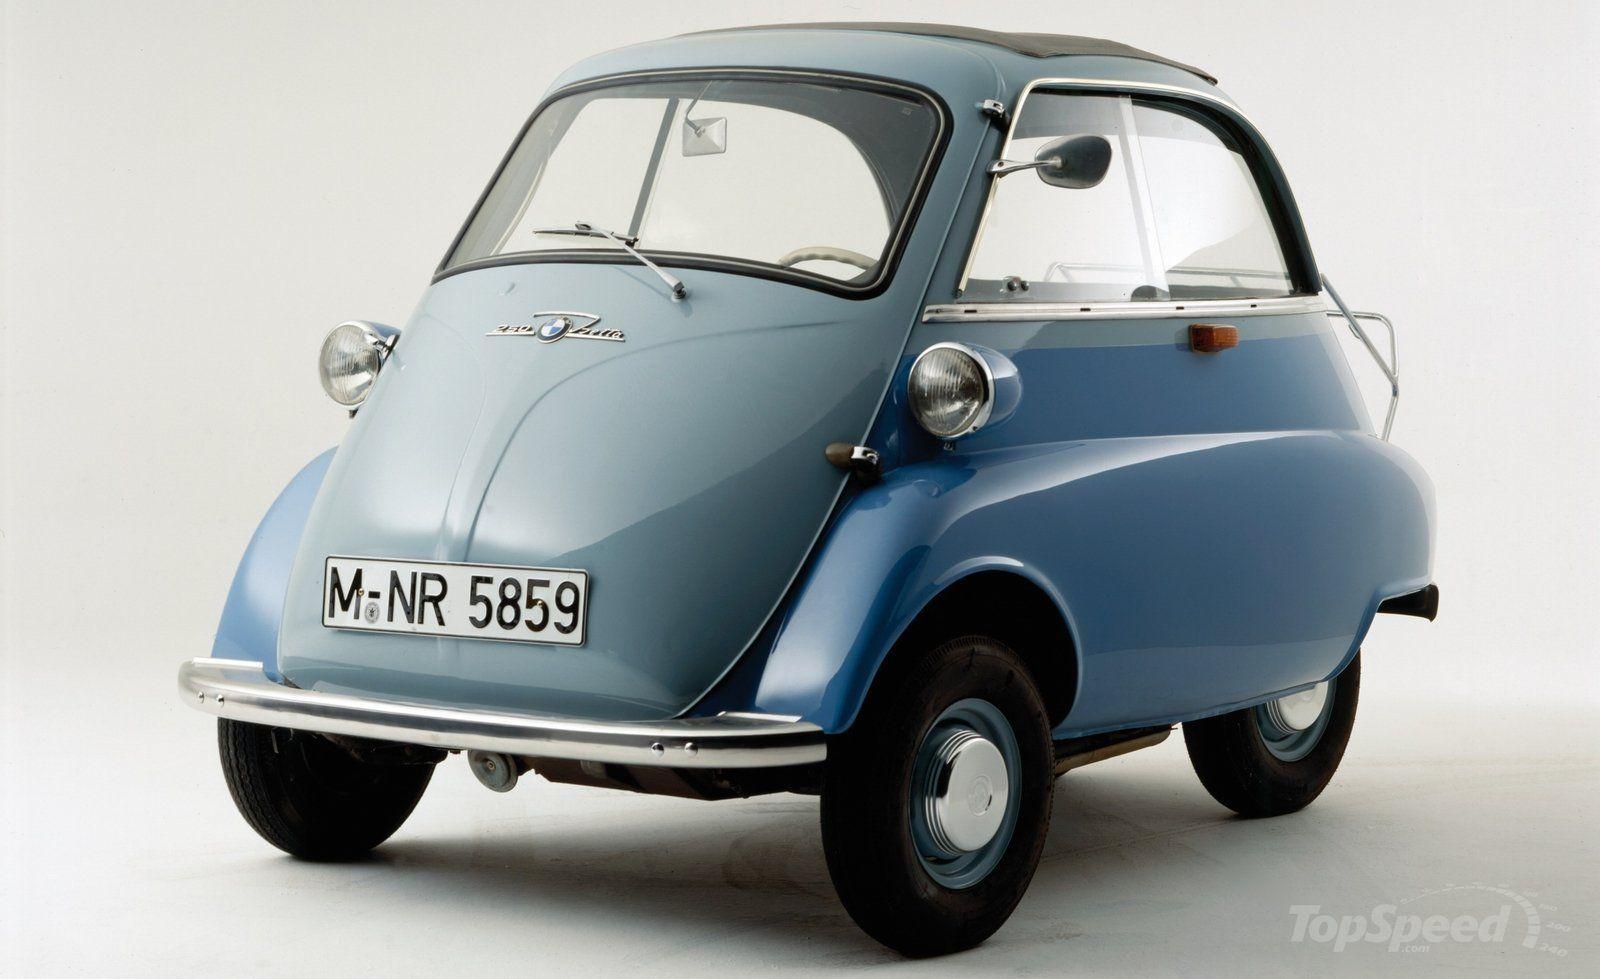 ¿Qué famoso microcoche fue fabricado por BMW?